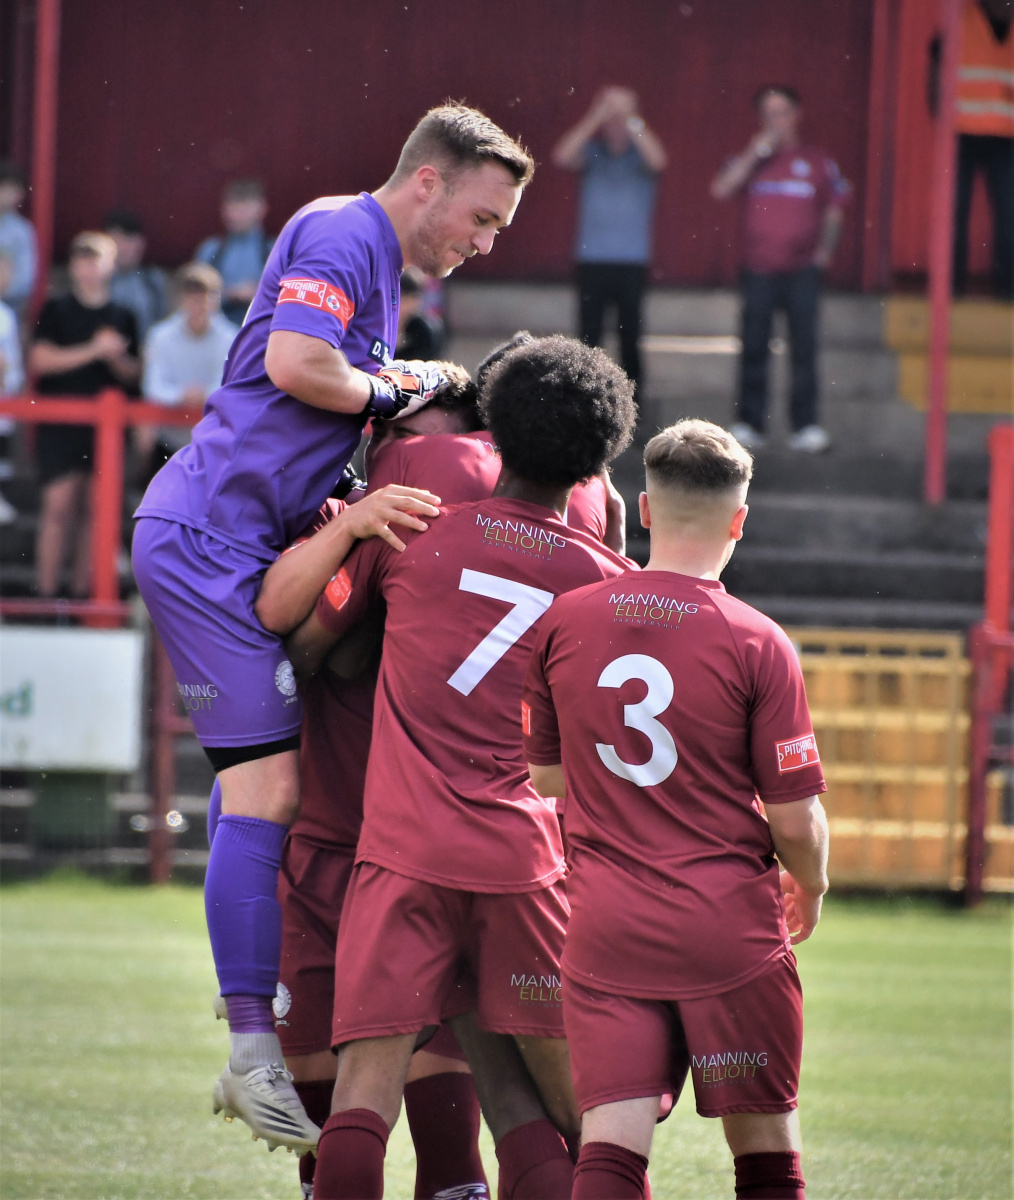 The-Reds-celebrate-Dav-Symingtons-goal-Ben-Challis